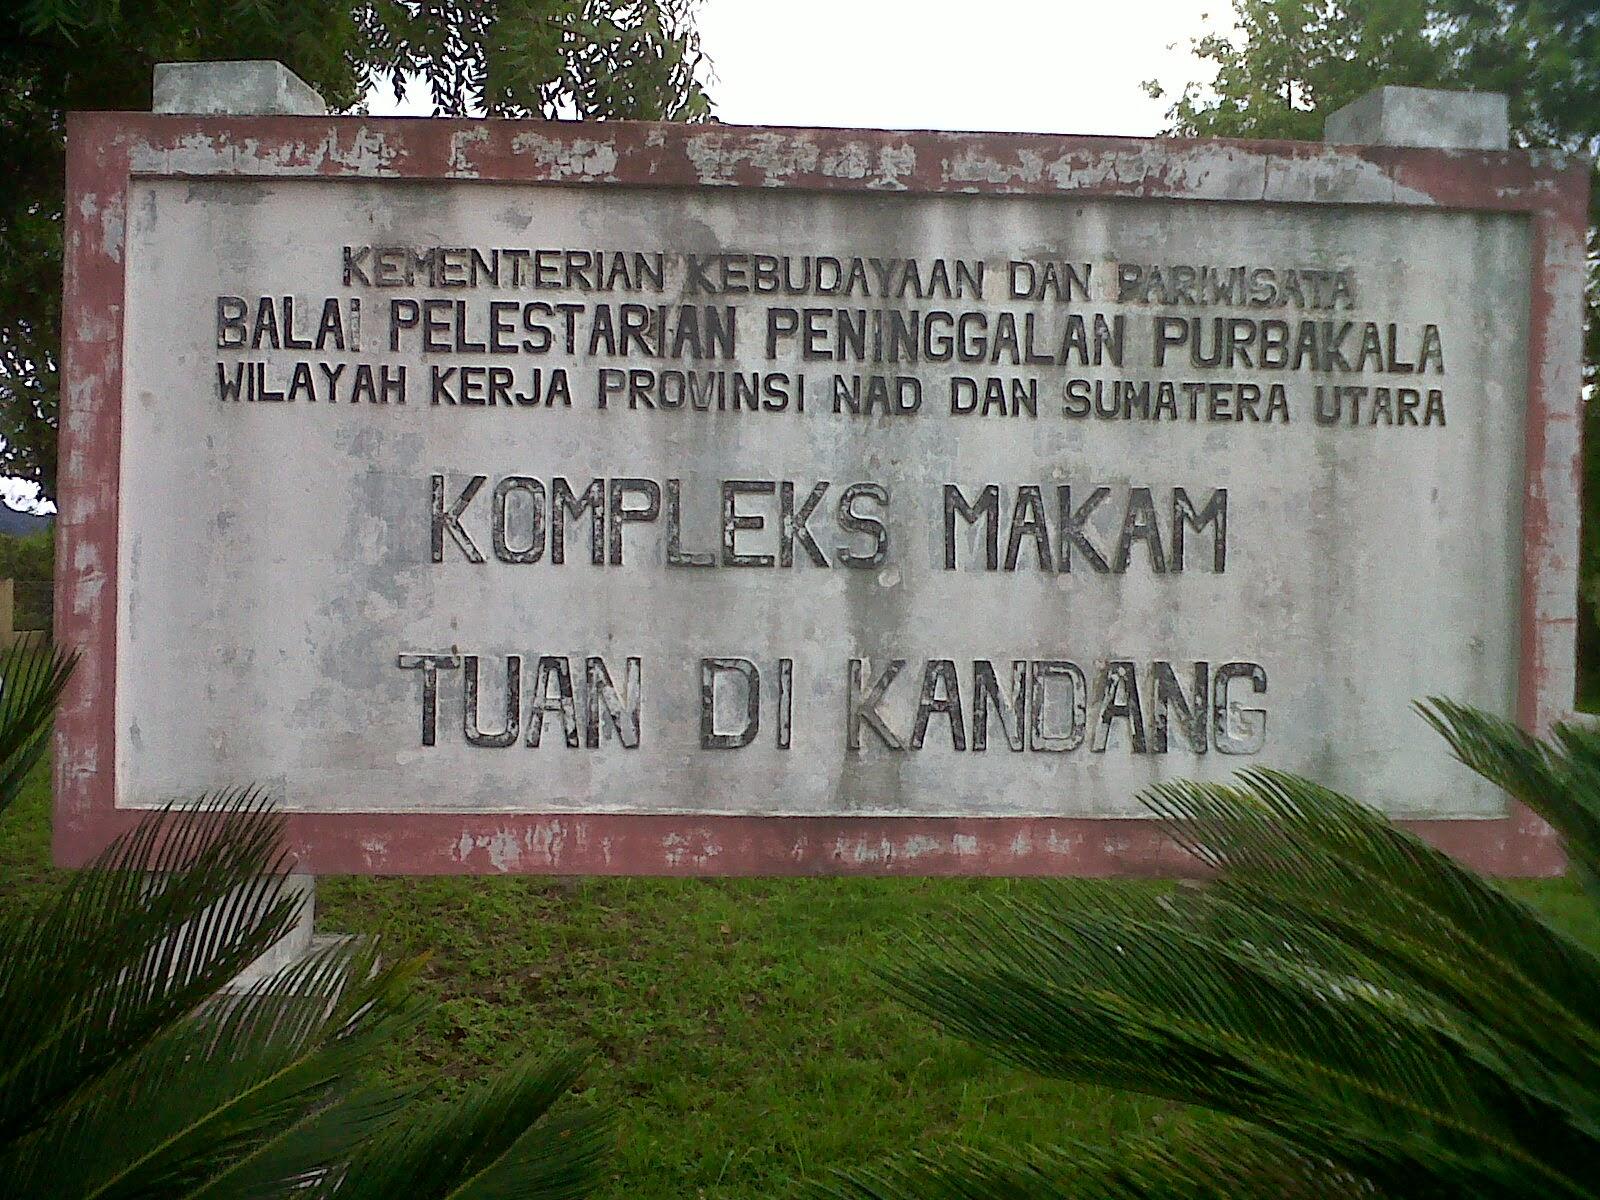 Komplek Makam Tuan Kandang Life Aceh Sultan Xii Kota Banda